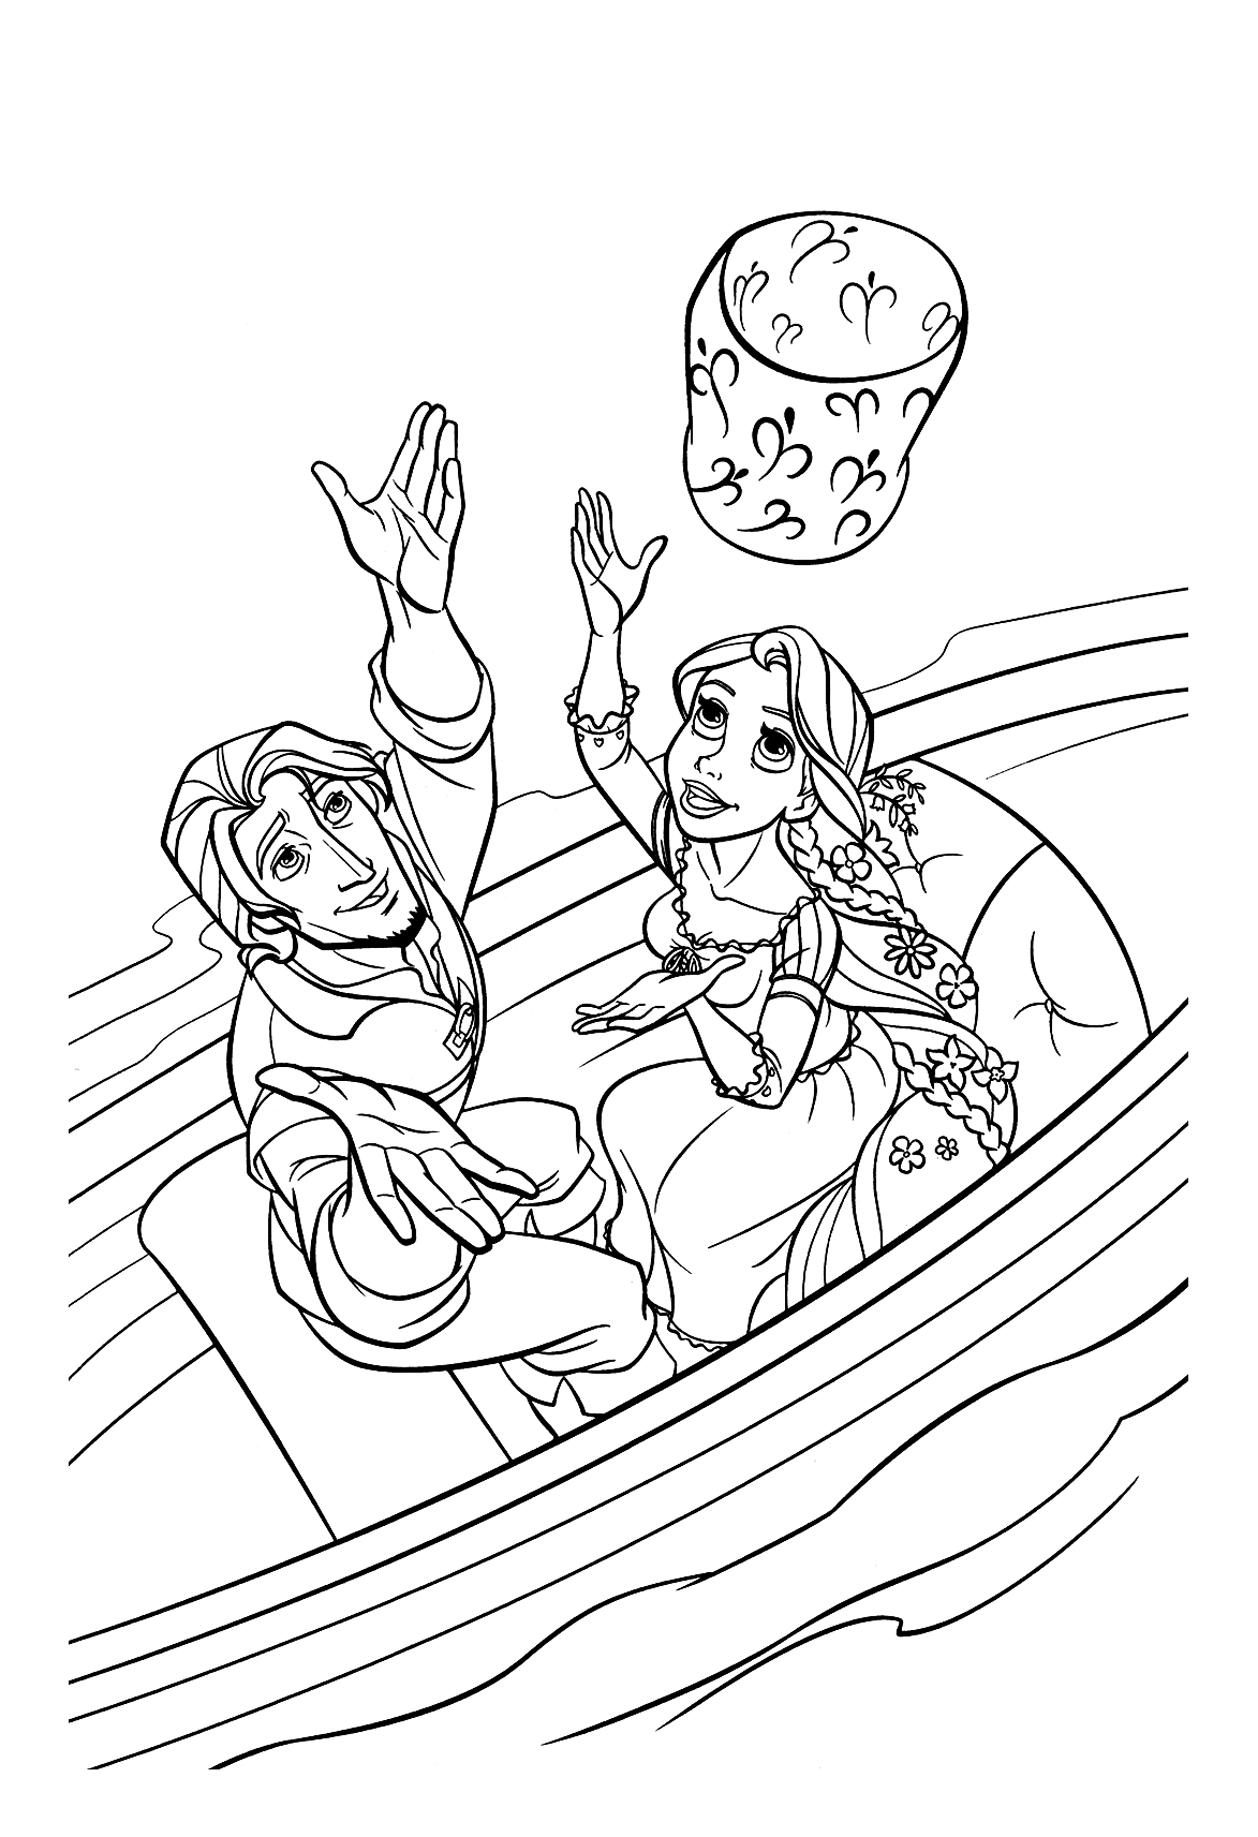 Raiponce lanterne bateau - Coloriage Raiponce - Coloriages pour enfants